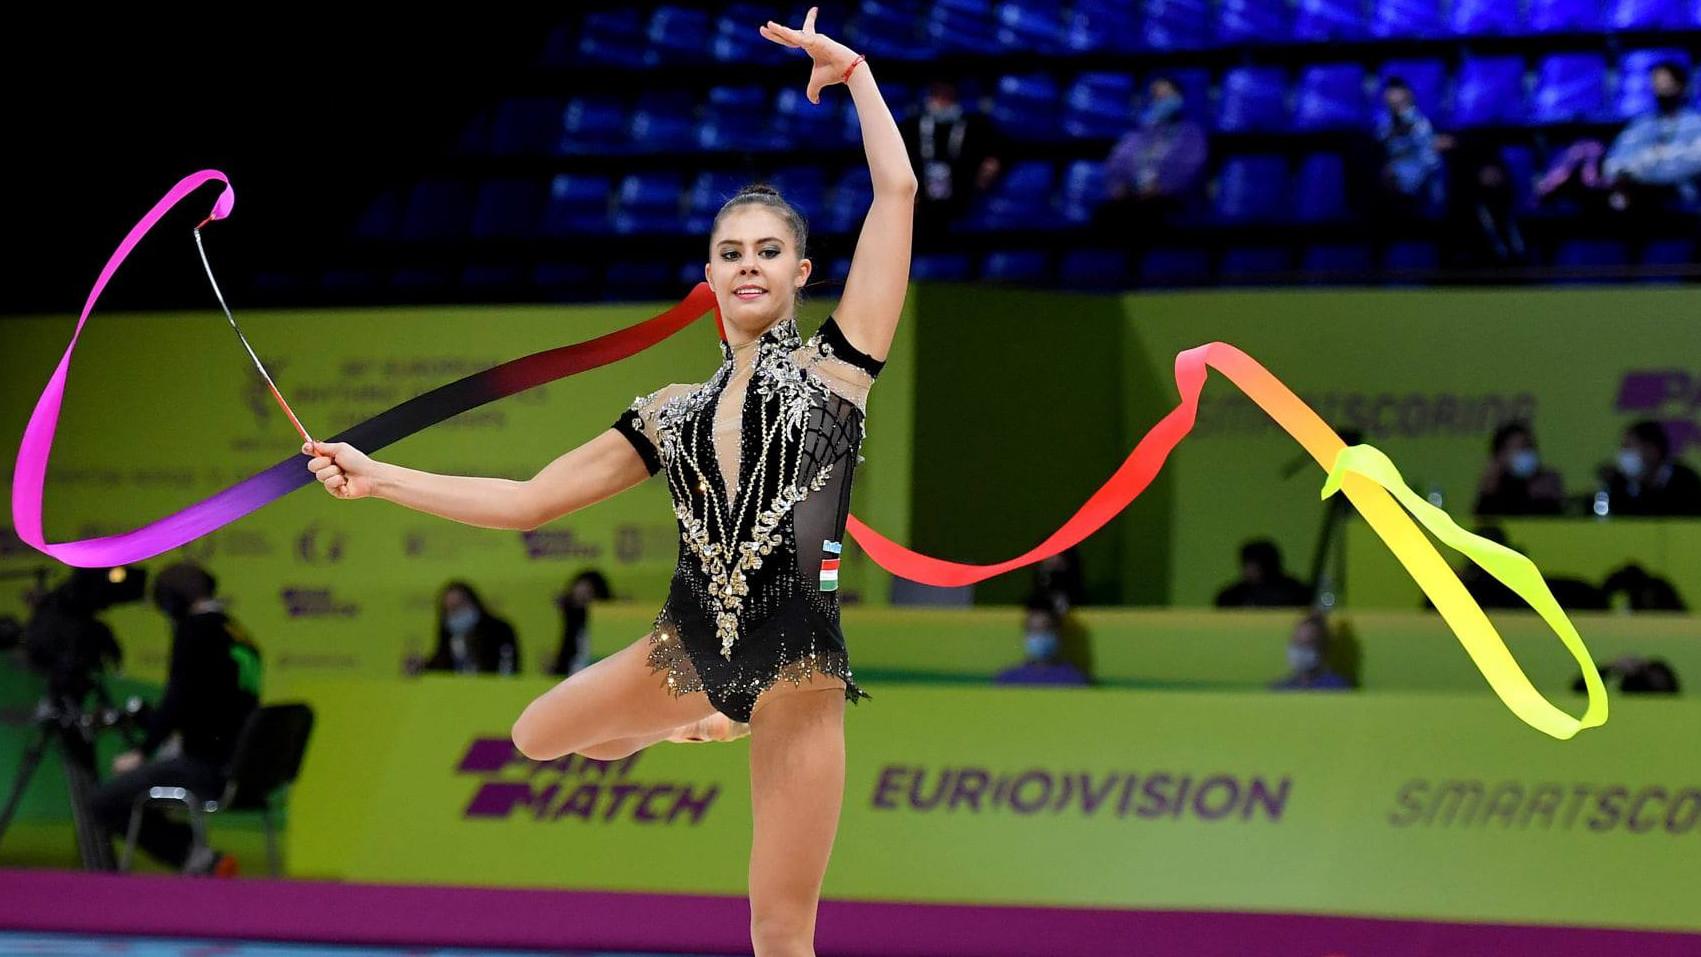 Pigniczki kvótát szerzett az olimpiára